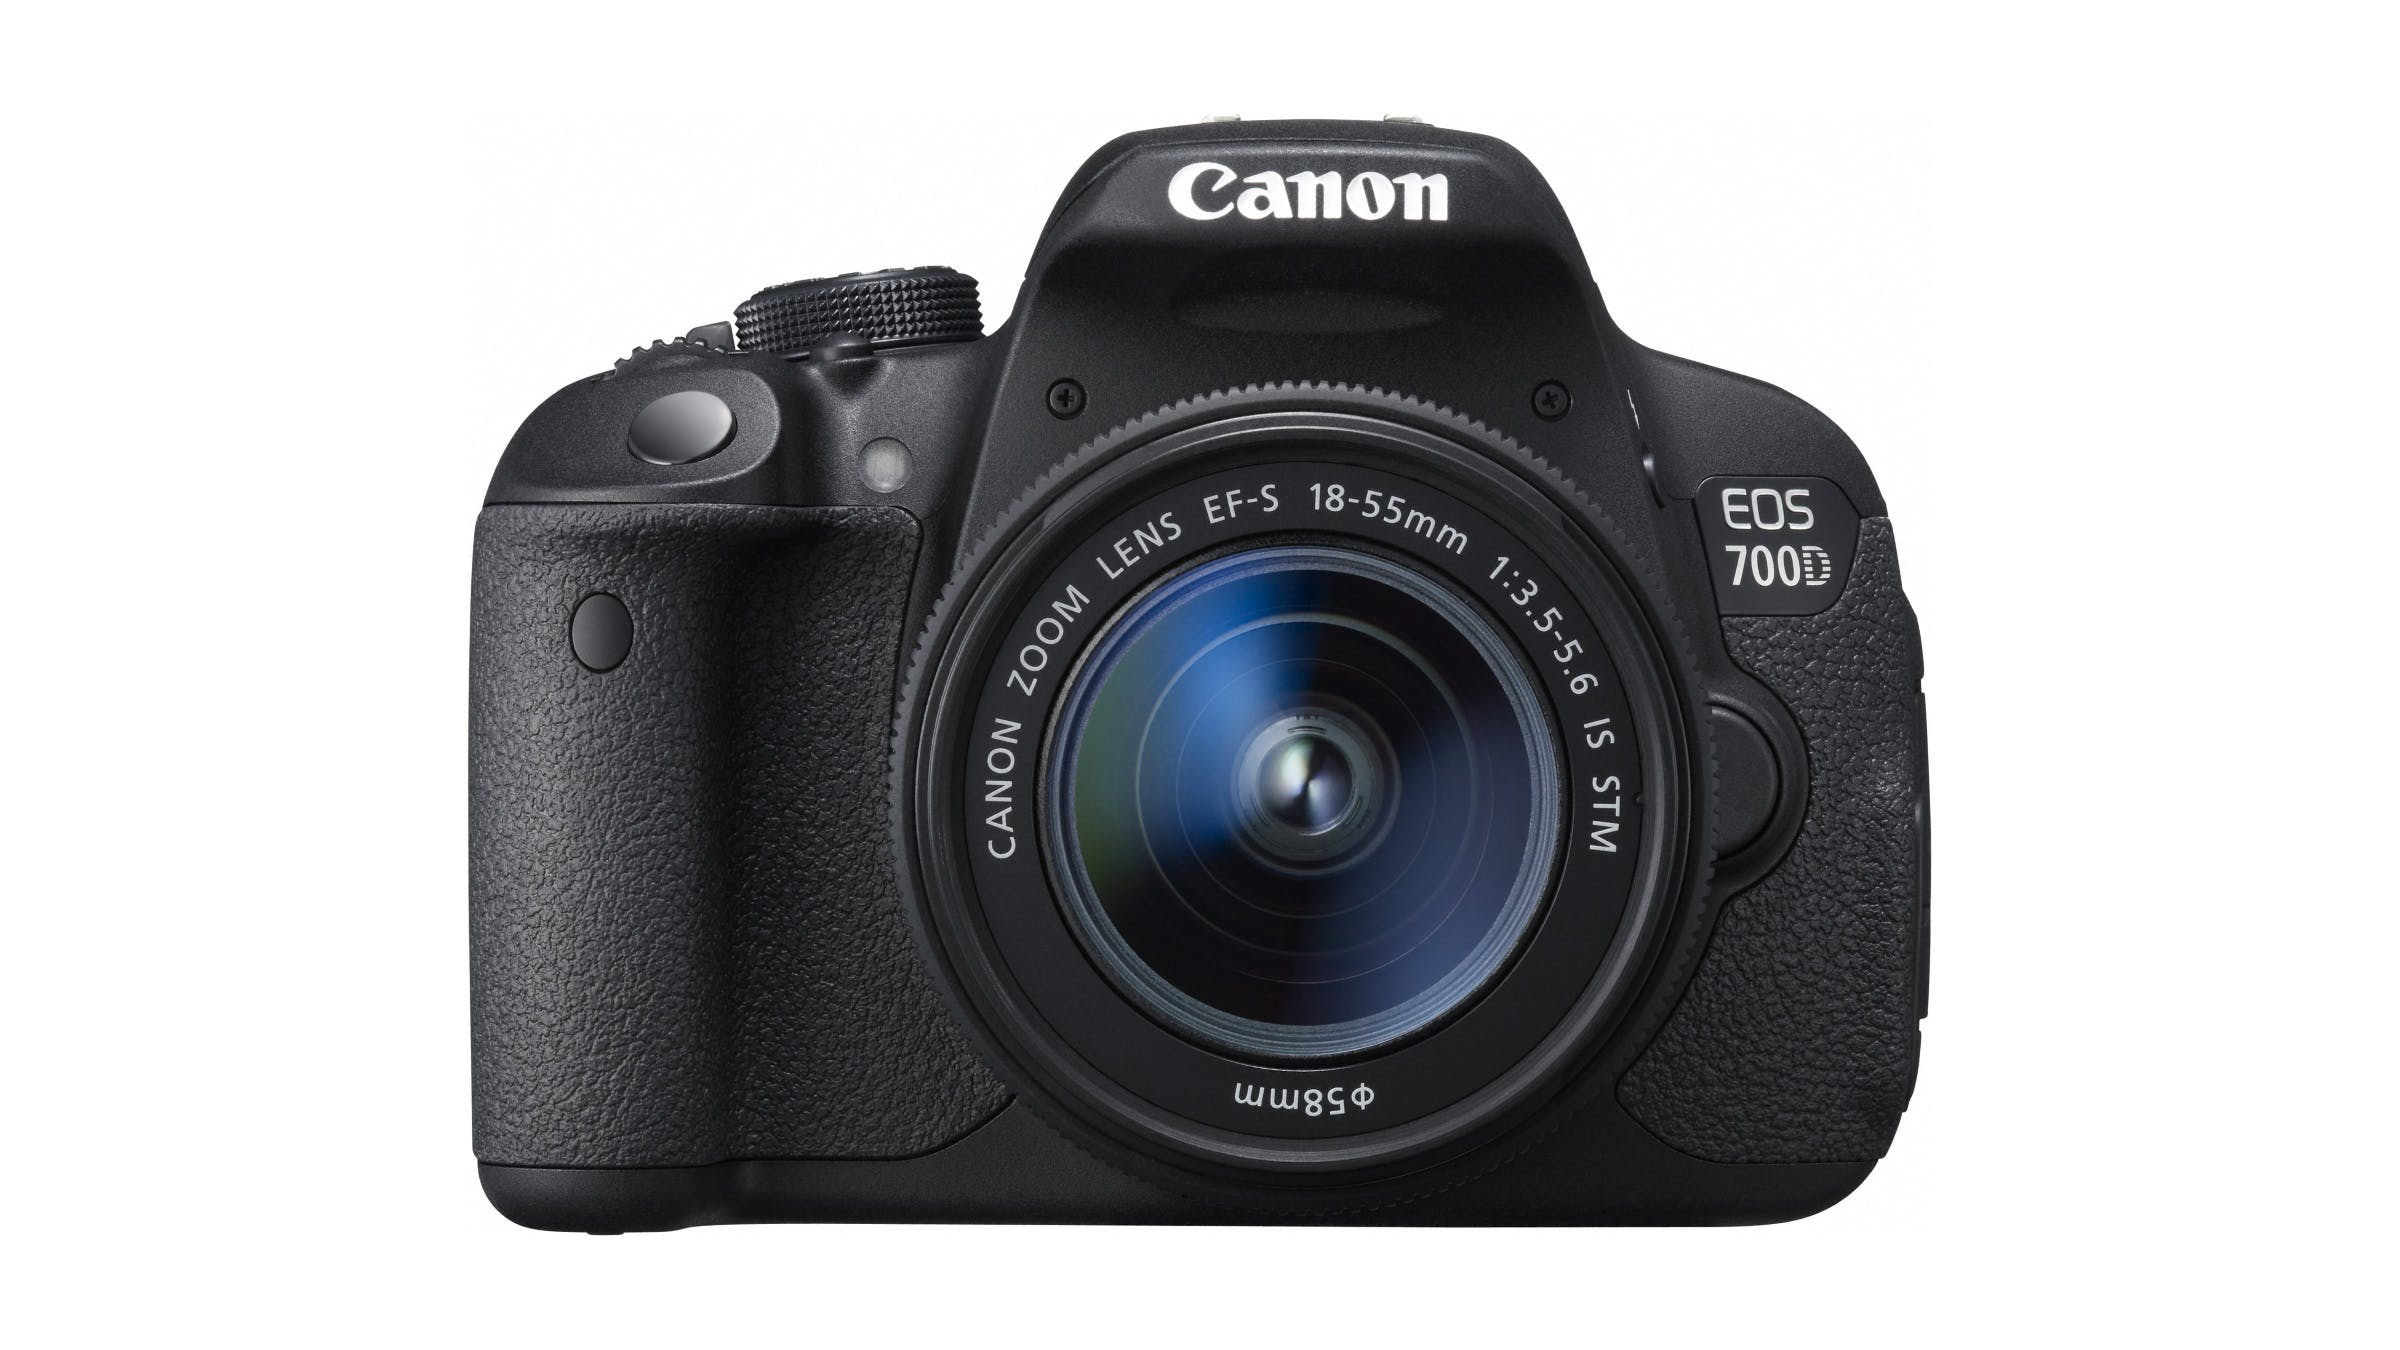 Camera Harvey Norman Dslr Cameras canon eos 700d dslr camera with 18 55mm lens kit harvey norman kit